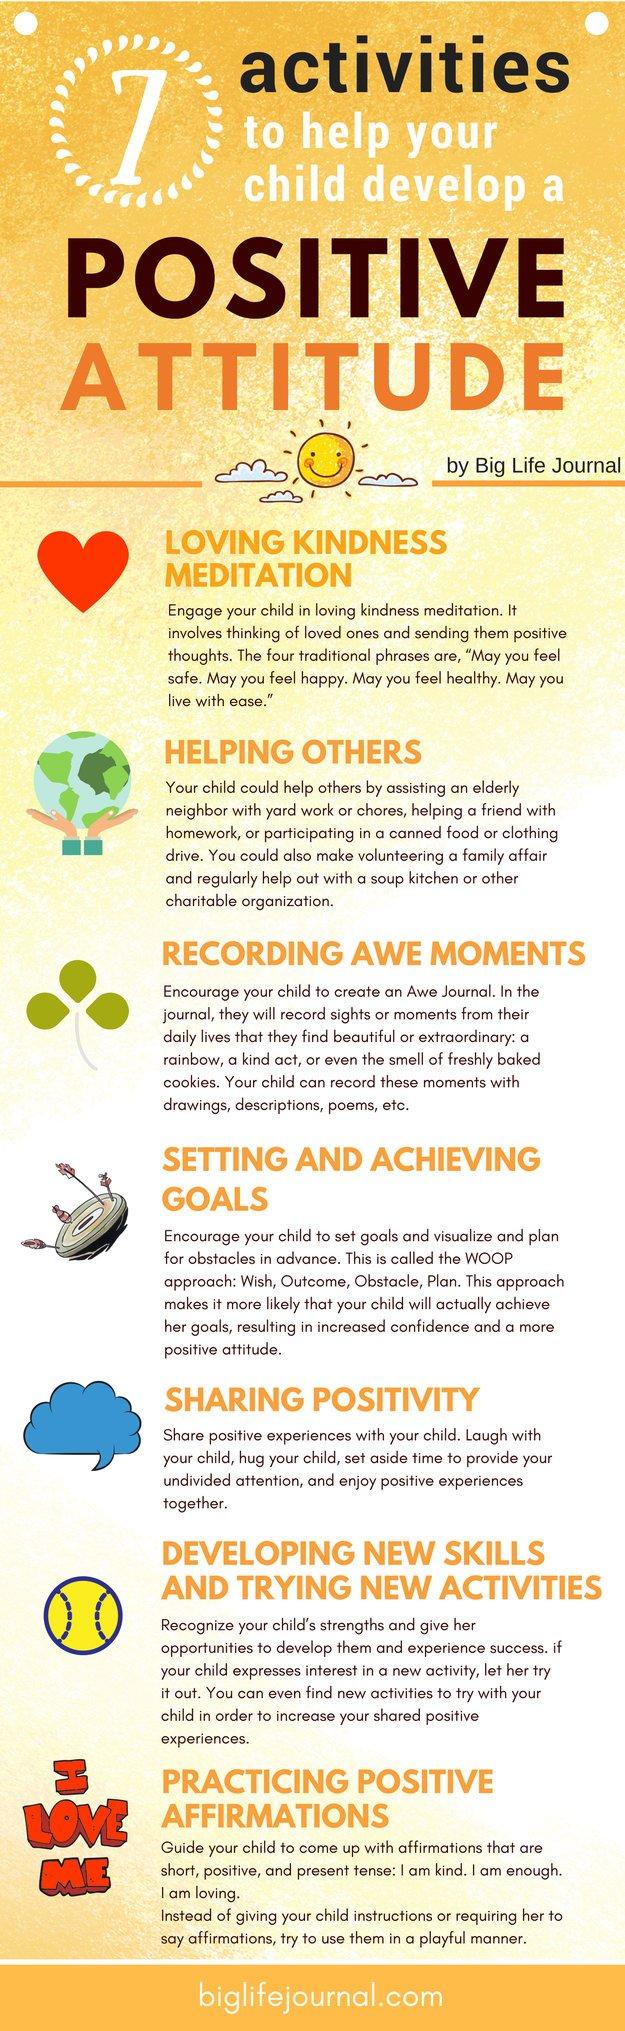 7 hoạt động giúp trẻ rèn thái độ và suy nghĩ tích cực (Ảnh: Big Life Journal)